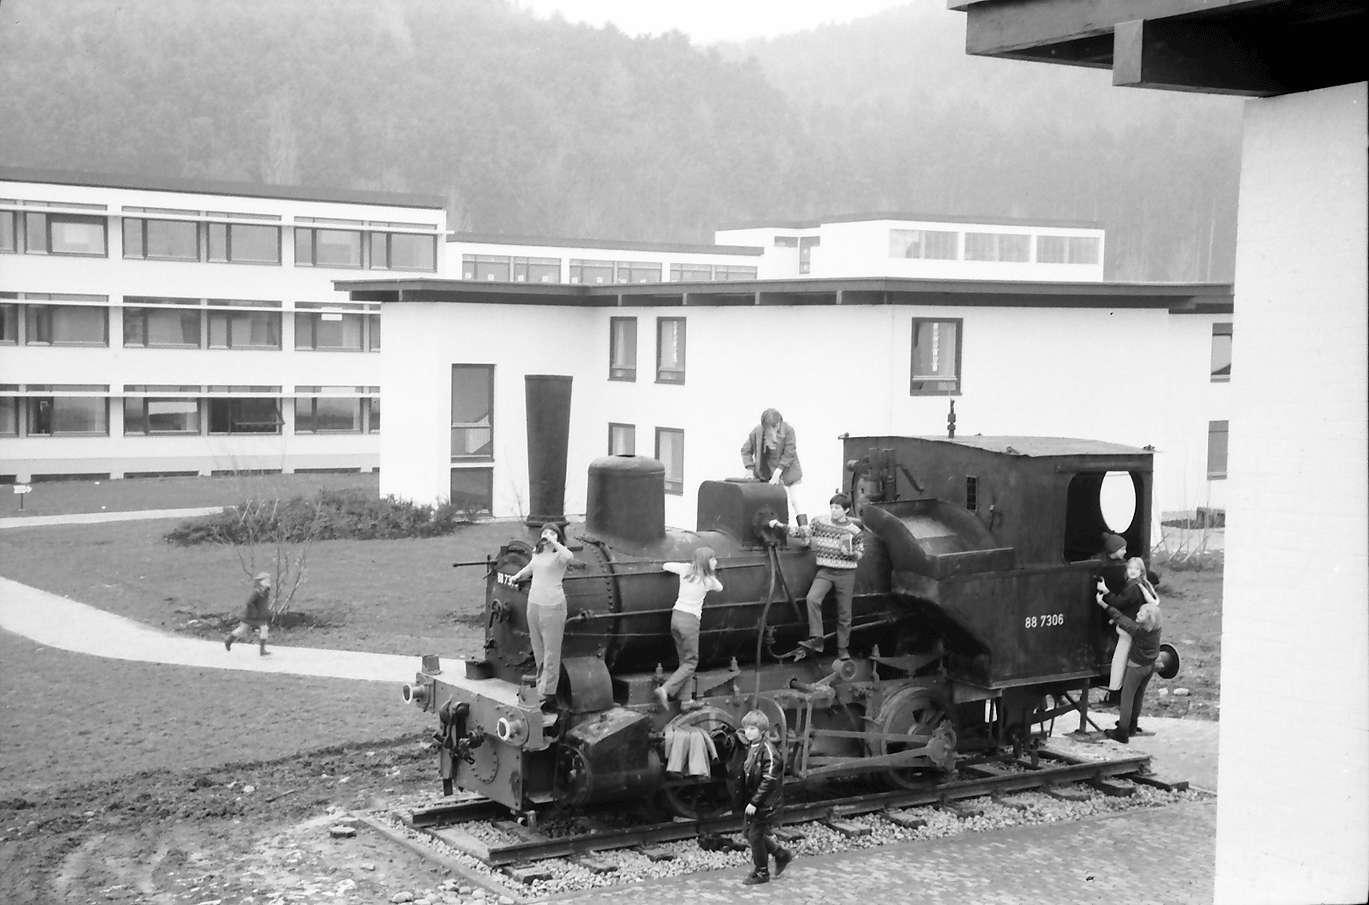 Stegen: Alte Lokomotive im Hof mit Kindern, Bild 1